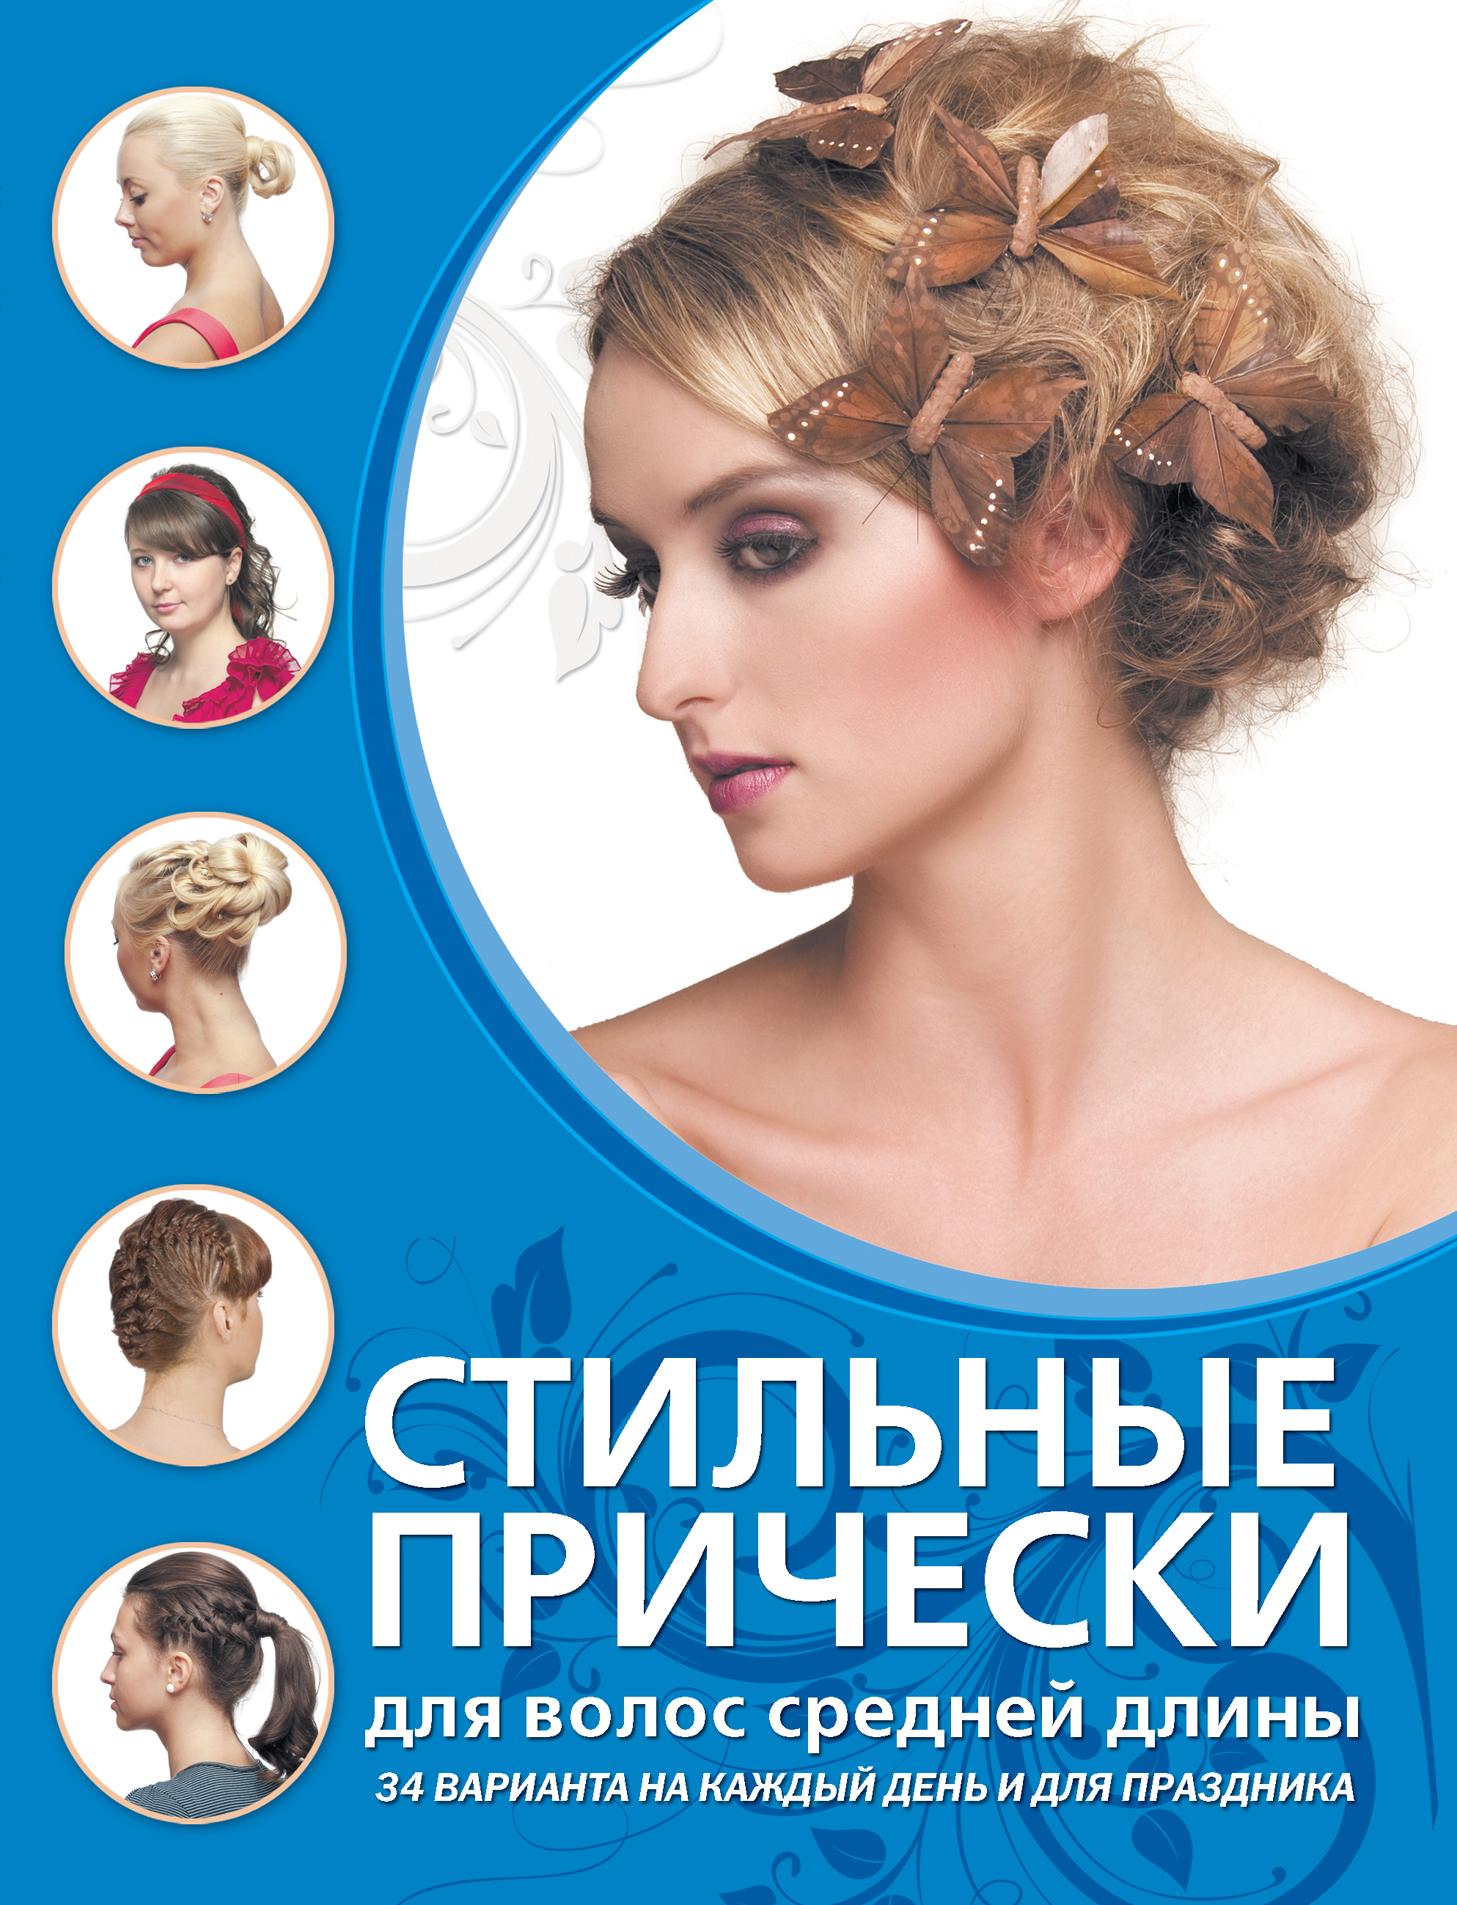 Название стильных стрижек для волос